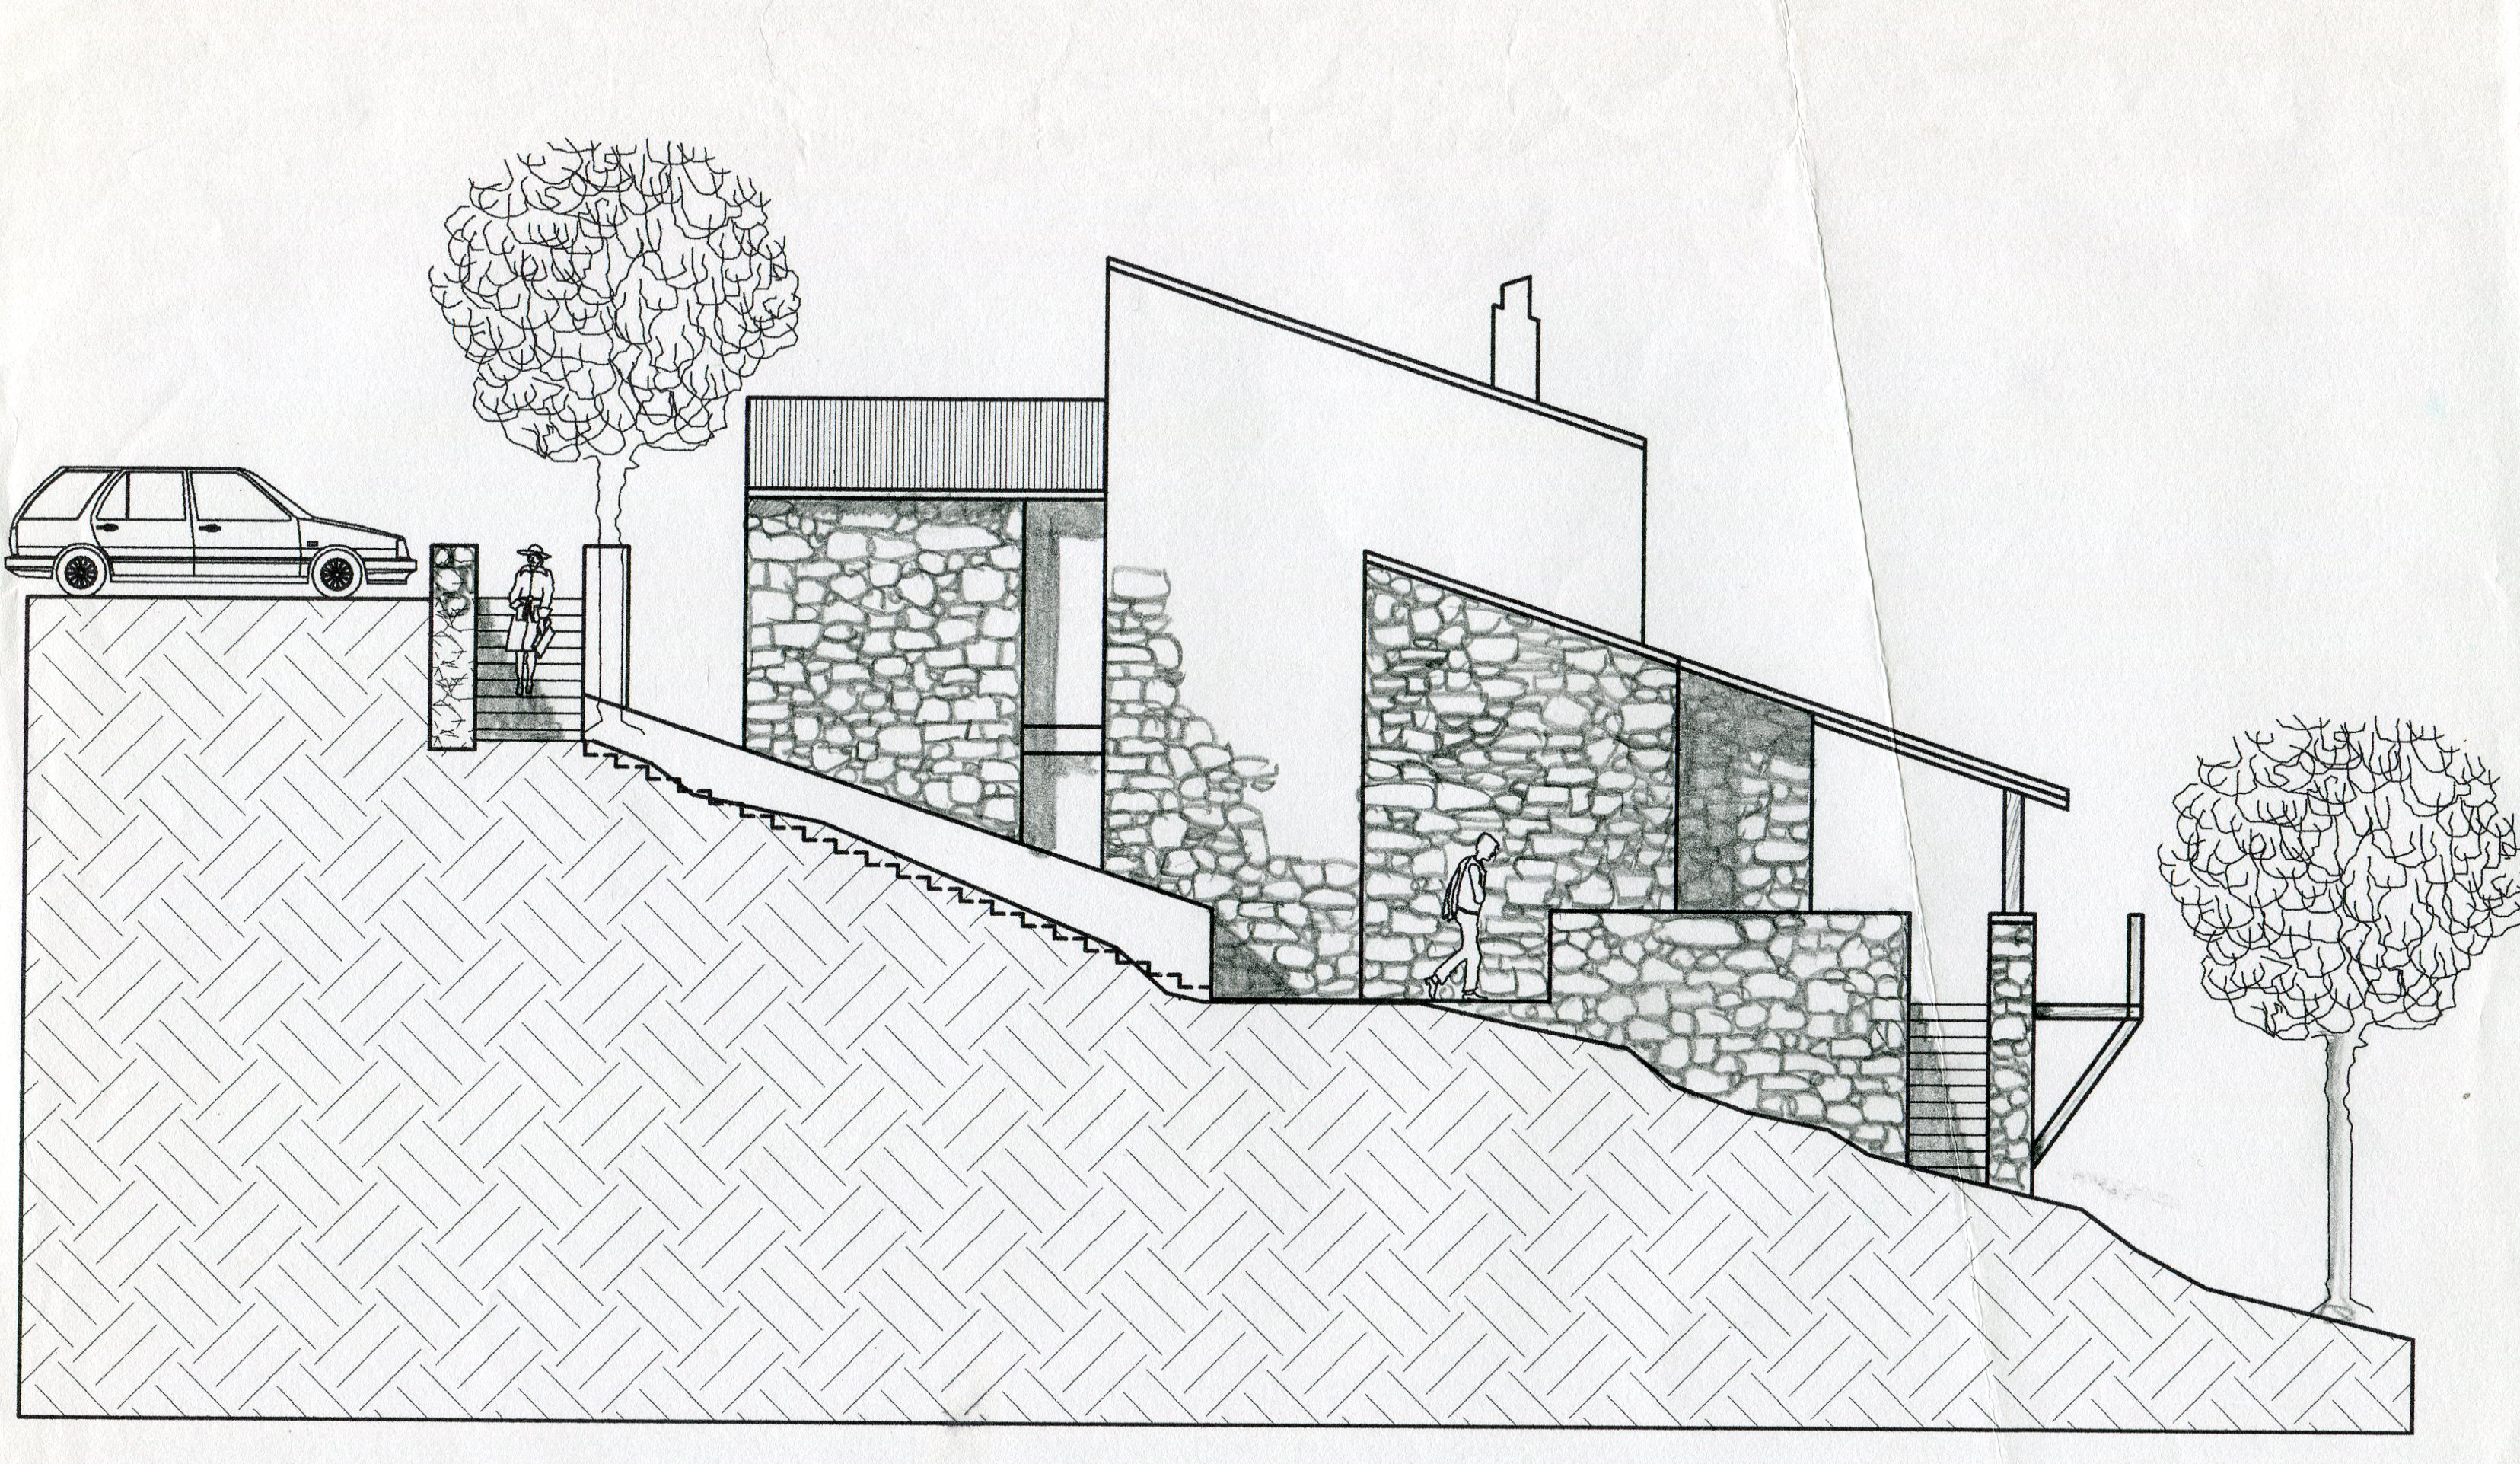 Casa in collina 2